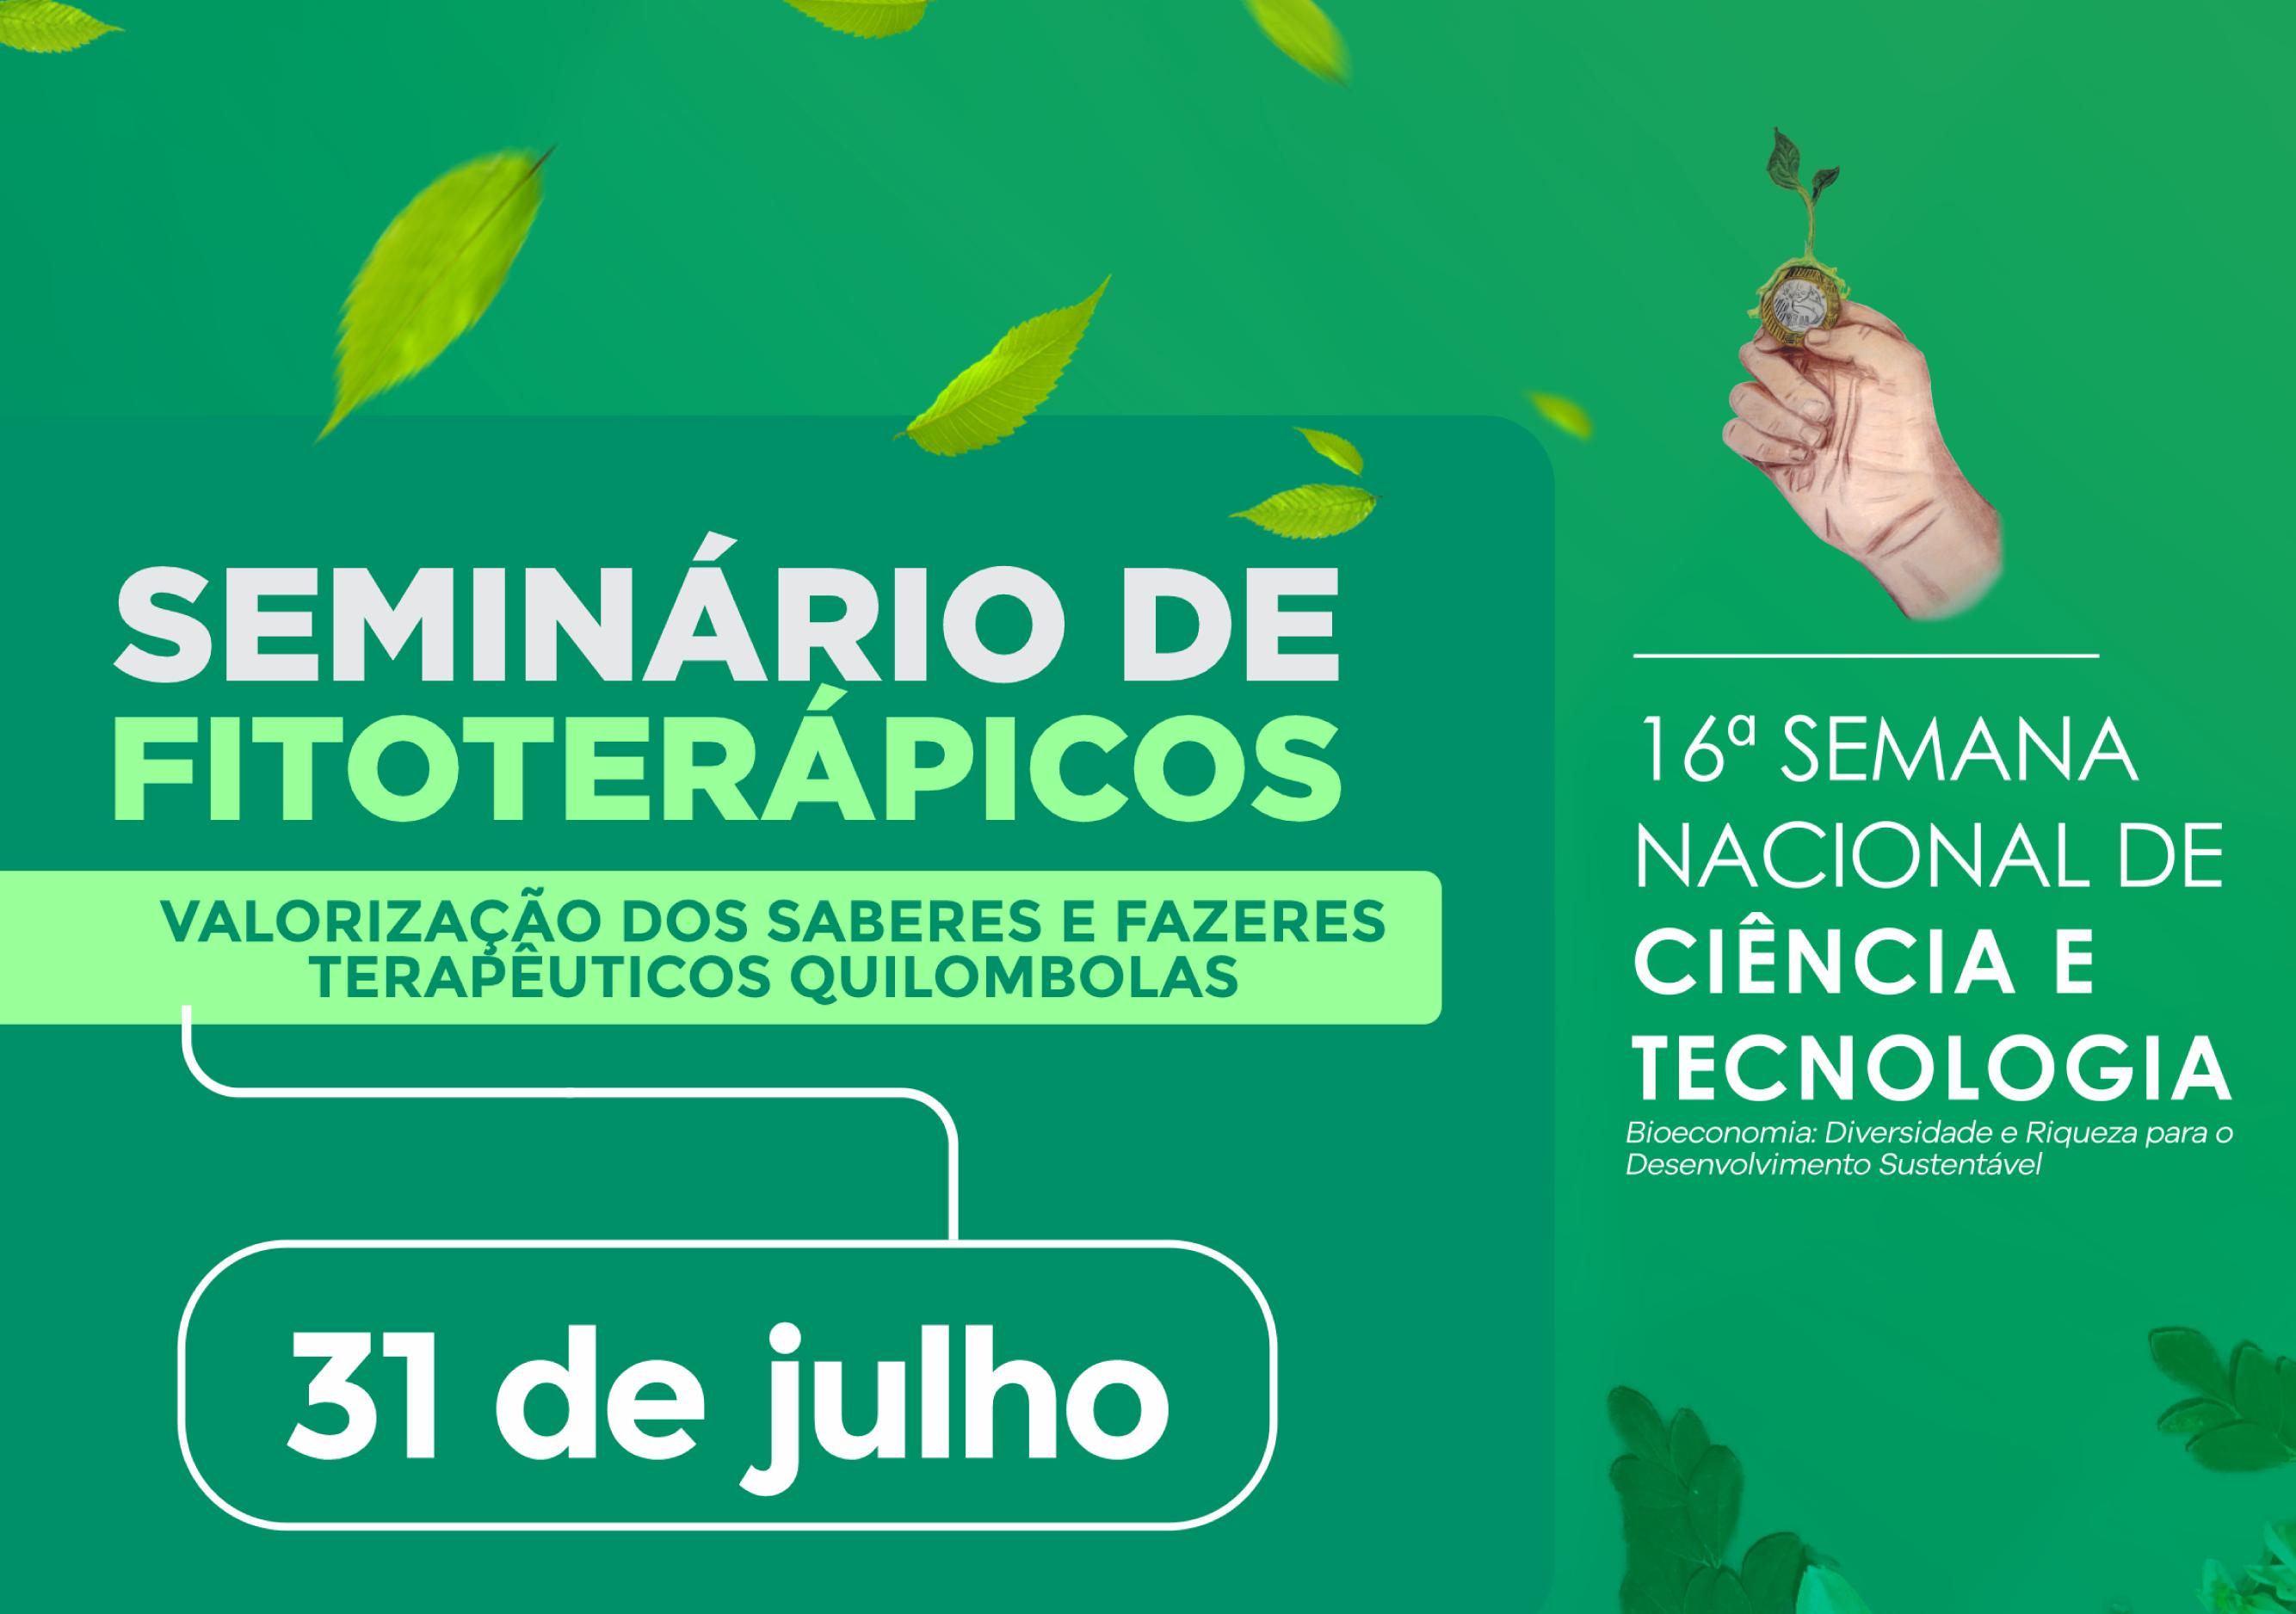 Seminário de Fitoterápicos: Valorização dos Saberes e Fazeres Terapêuticos Quilombolas